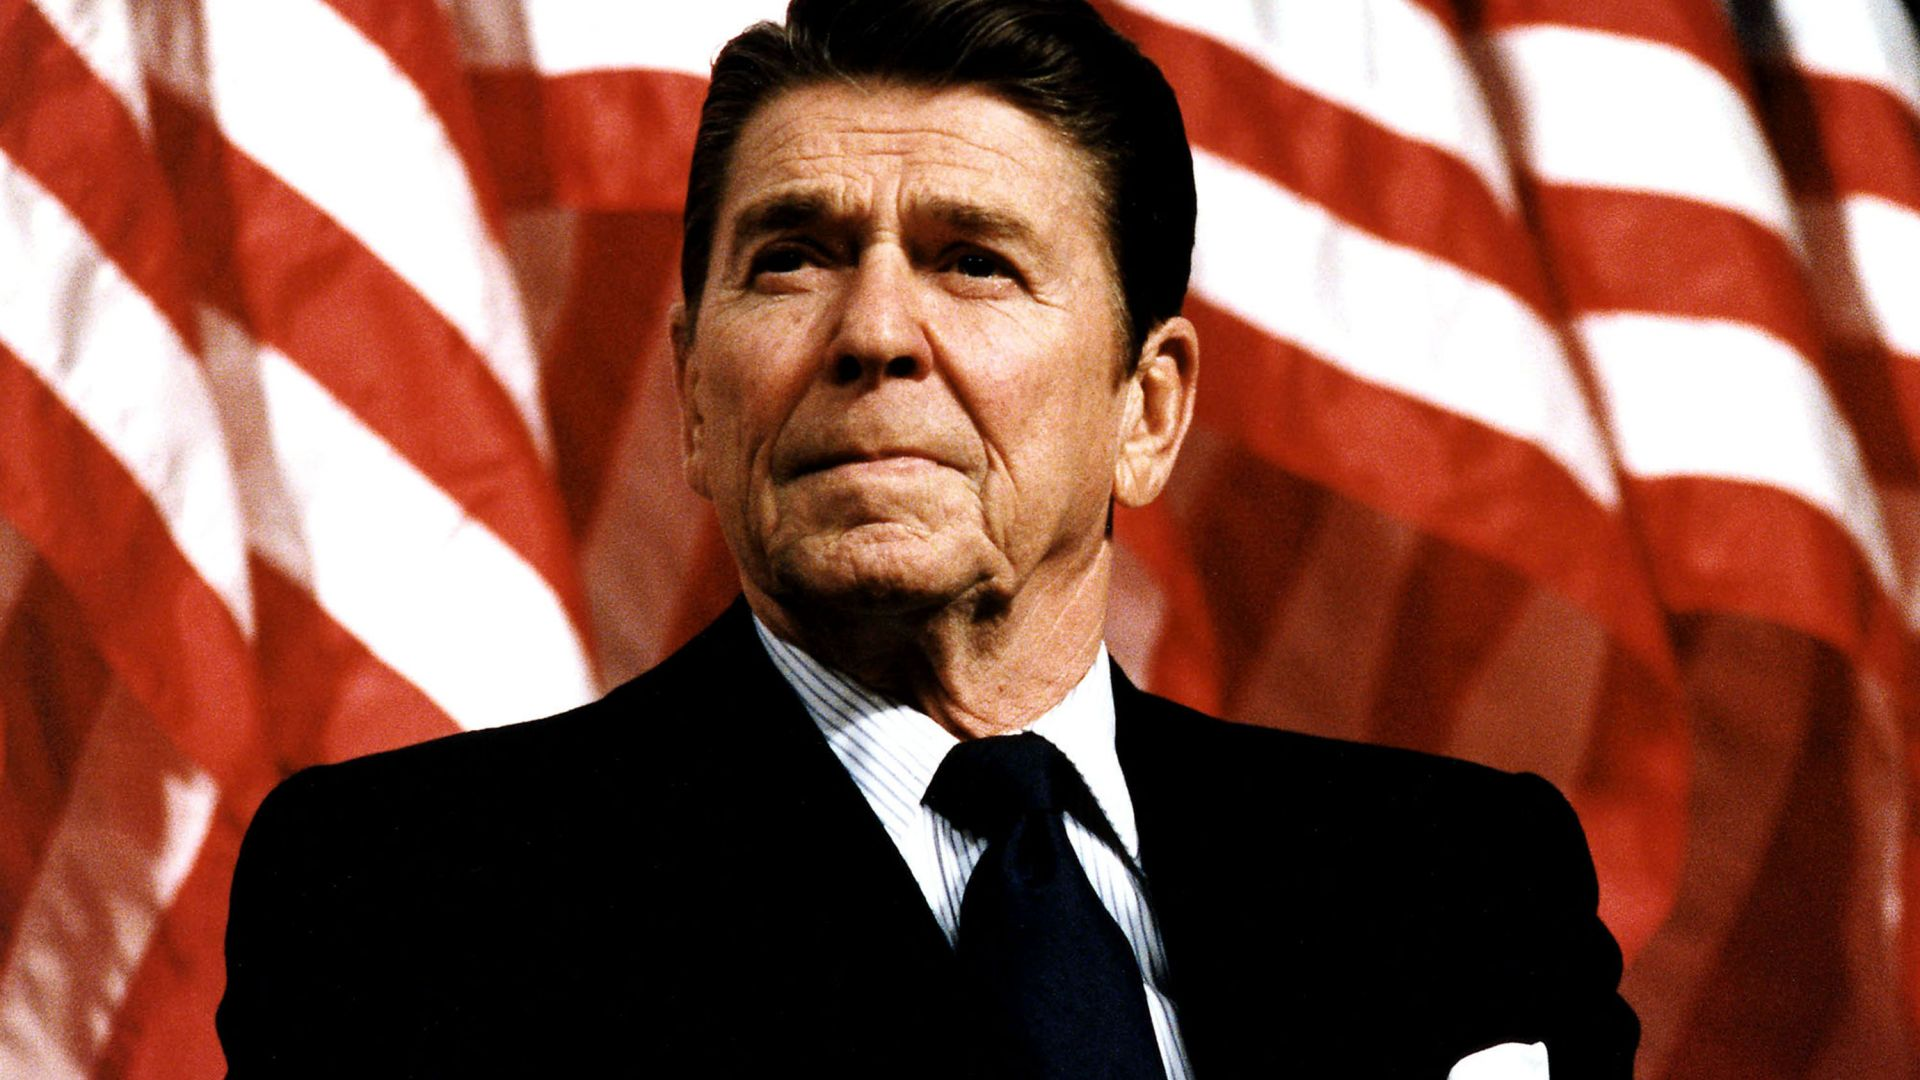 """Роналд Рейгън смята, че битката между САЩ и СССР е """"битка между доброто и злото"""""""